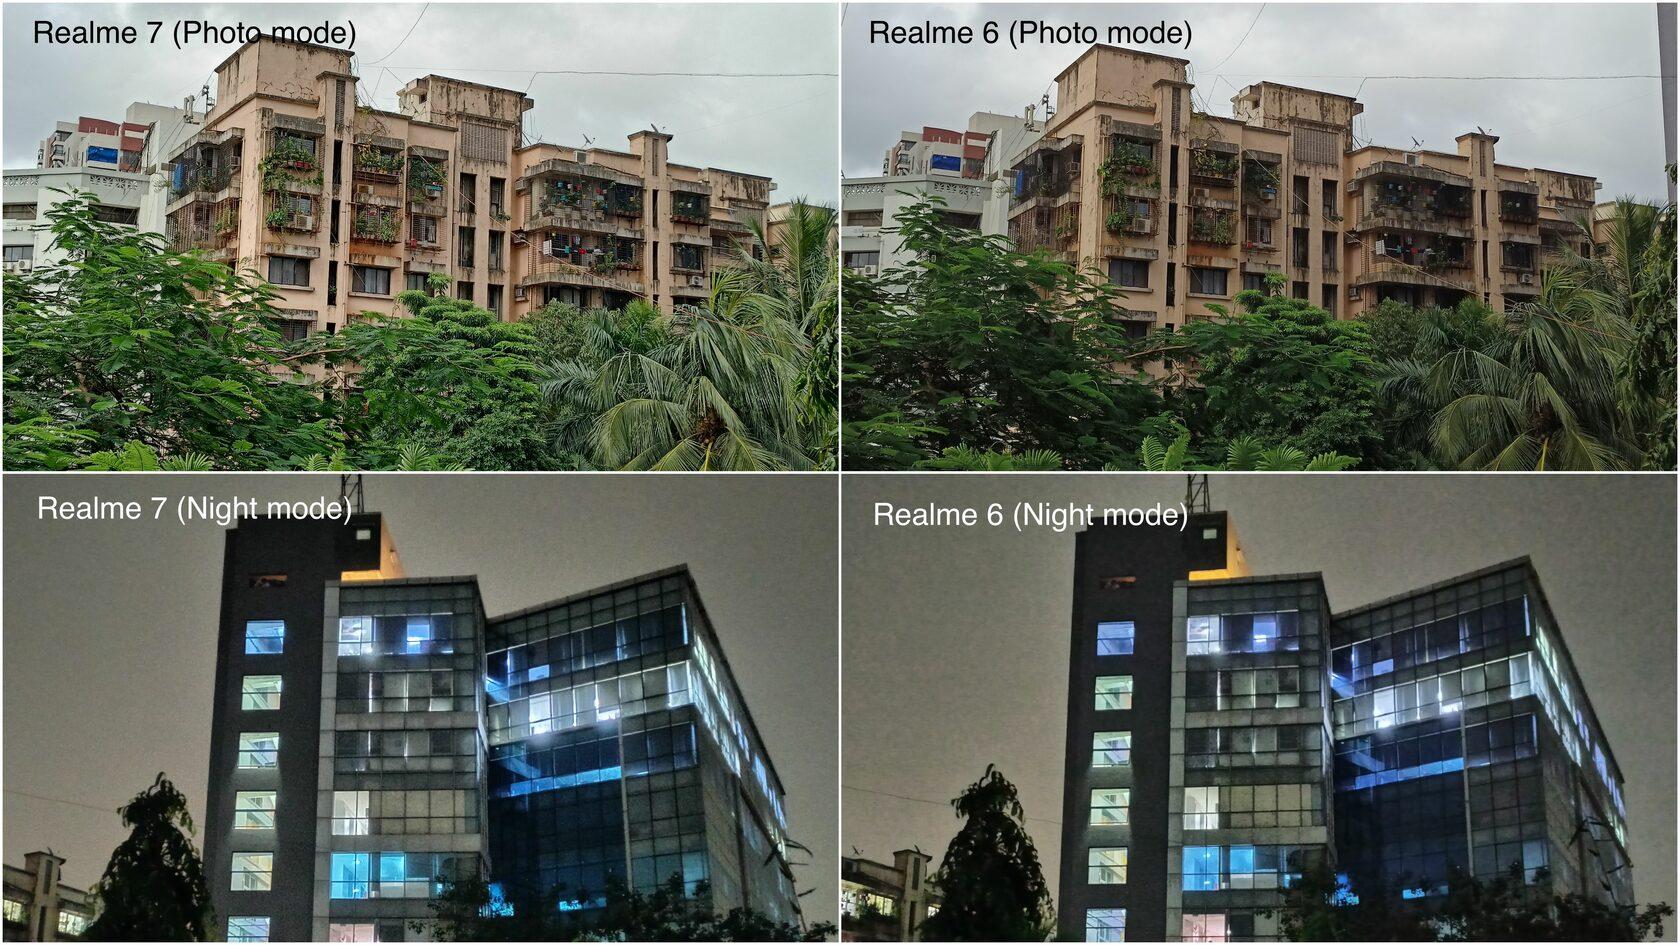 Сравнение снимков, сделанных на разные смартфоны, включая Realme 7